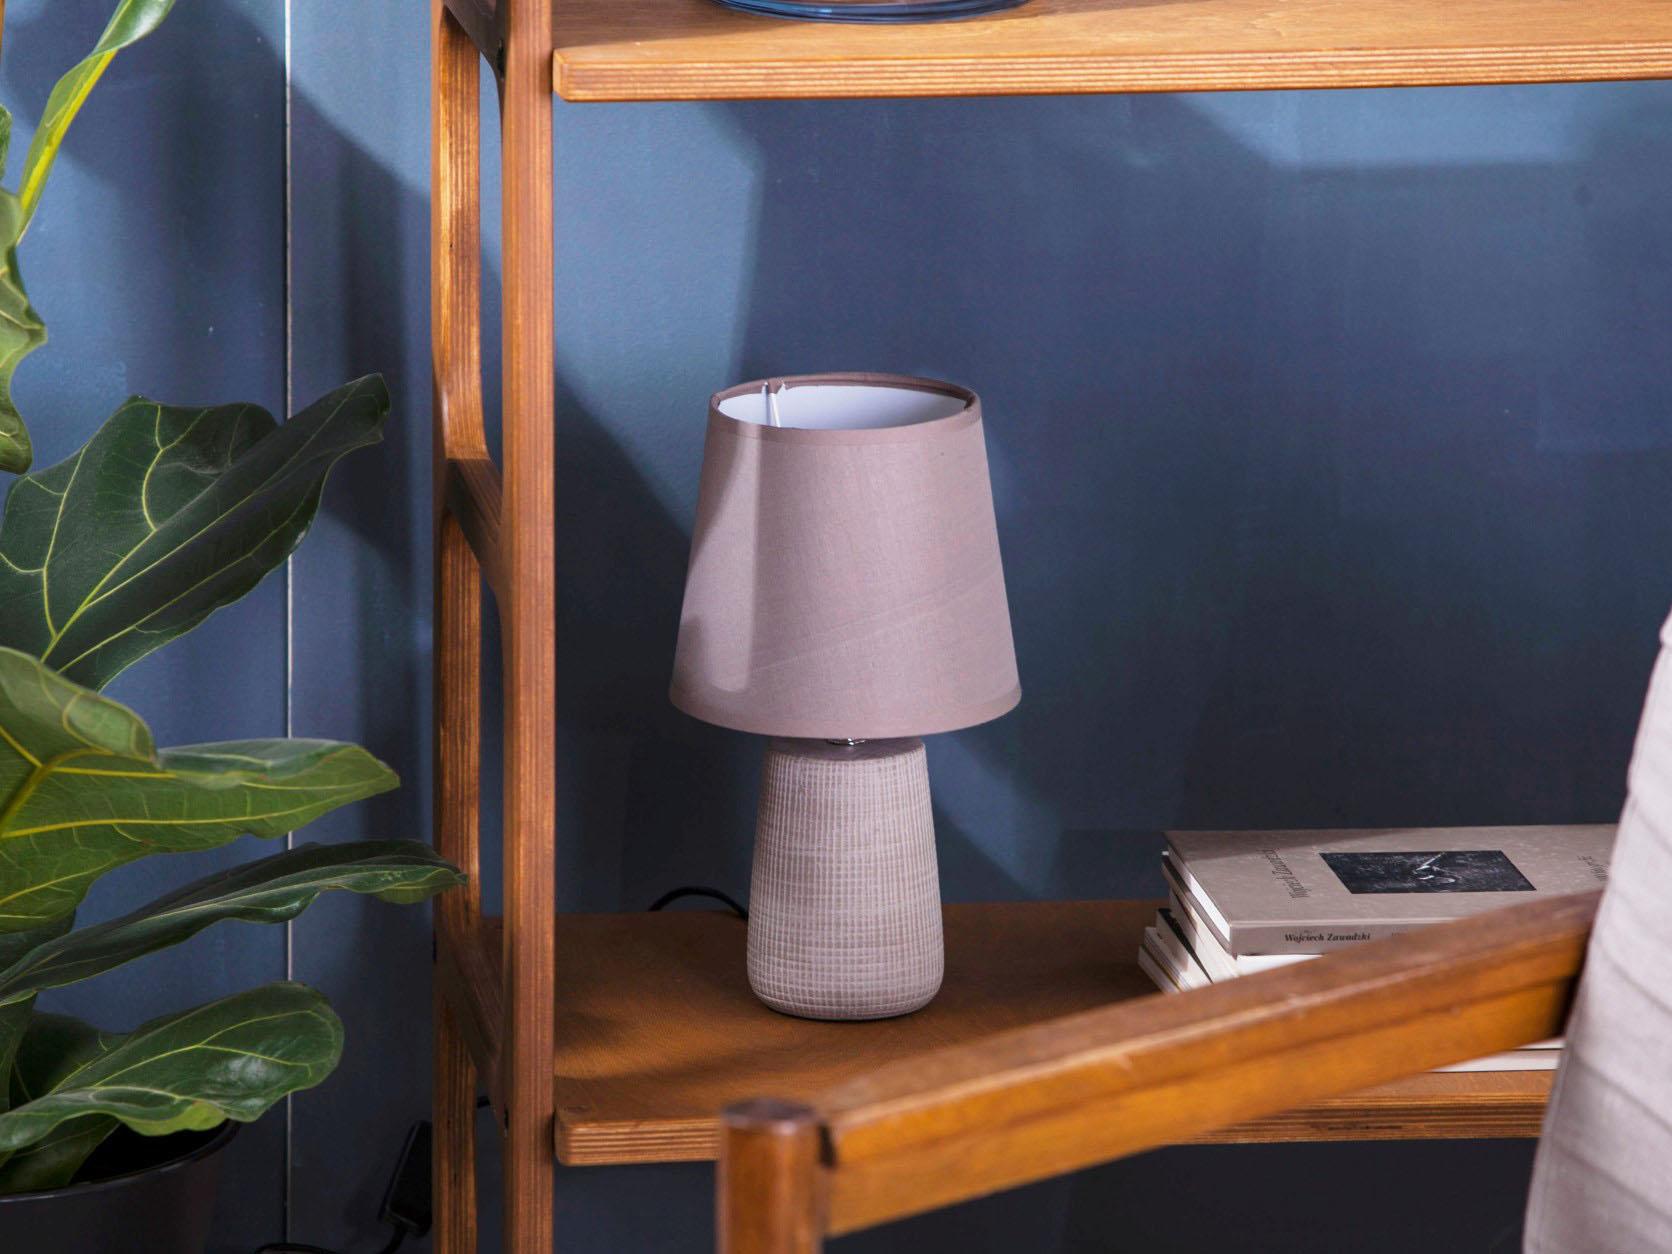 Lampa stołowa ceramiczna Altom Design Relief 17x30,5 cm